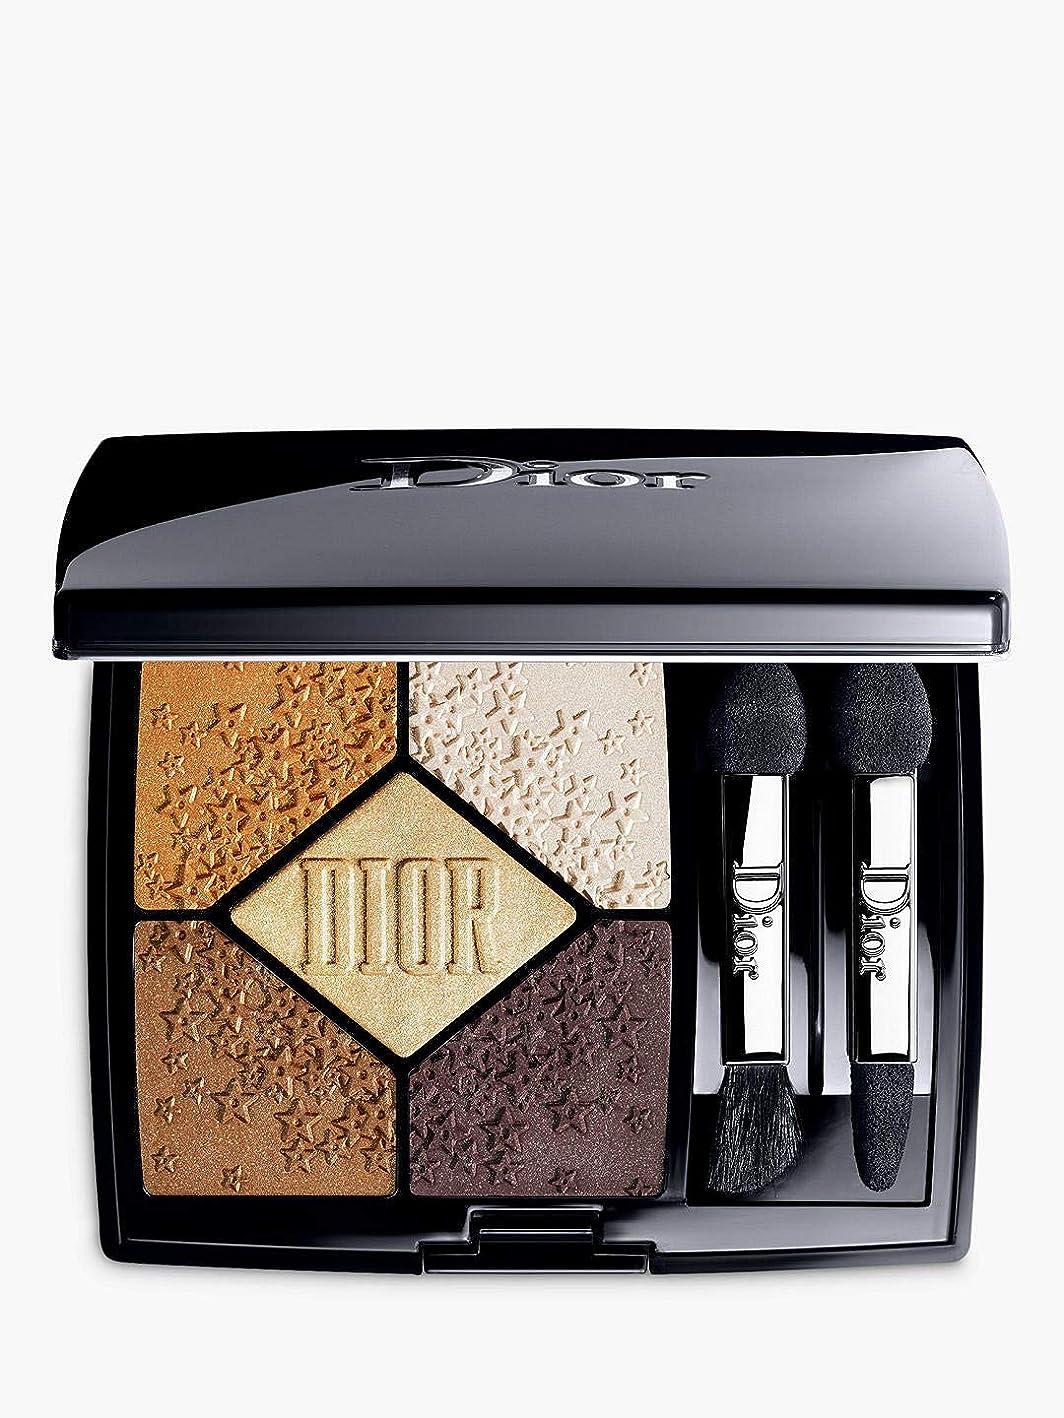 同意する動脈空虚ディオール ミッドナイト ウィッシュ サンク クルール #617 ラッキースター スター 限定色 Dior